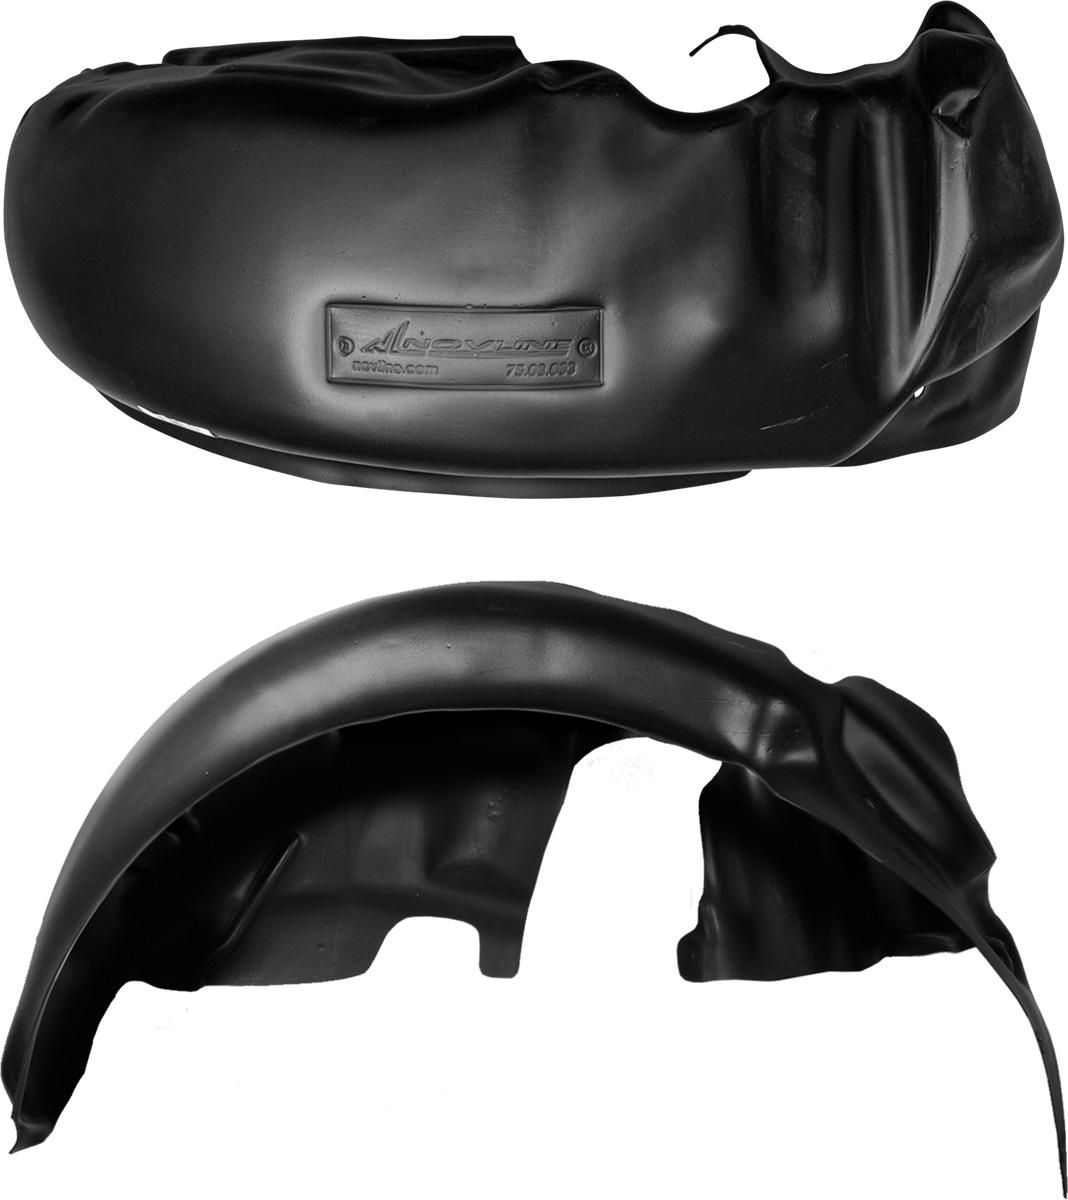 Подкрылок Novline-Autofamily, для Renault Duster 4x4, 2011-2015, задний левыйNLL.41.29.003Колесные ниши – одни из самых уязвимых зон днища вашего автомобиля. Они постоянно подвергаются воздействию со стороны дороги. Лучшая, почти абсолютная защита для них - специально отформованные пластиковые кожухи, которые называются подкрылками, или локерами. Производятся они как для отечественных моделей автомобилей, так и для иномарок. Подкрылки выполнены из высококачественного, экологически чистого пластика. Обеспечивают надежную защиту кузова автомобиля от пескоструйного эффекта и негативного влияния, агрессивных антигололедных реагентов. Пластик обладает более низкой теплопроводностью, чем металл, поэтому в зимний период эксплуатации использование пластиковых подкрылков позволяет лучше защитить колесные ниши от налипания снега и образования наледи. Оригинальность конструкции подчеркивает элегантность автомобиля, бережно защищает нанесенное на днище кузова антикоррозийное покрытие и позволяет осуществить крепление подкрылков внутри колесной арки практически без дополнительного крепежа и сверления, не нарушая при этом лакокрасочного покрытия, что предотвращает возникновение новых очагов коррозии. Технология крепления подкрылков на иномарки принципиально отличается от крепления на российские автомобили и разрабатывается индивидуально для каждой модели автомобиля. Подкрылки долговечны, обладают высокой прочностью и сохраняют заданную форму, а также все свои физико-механические характеристики в самых тяжелых климатических условиях ( от -50° С до + 50° С).